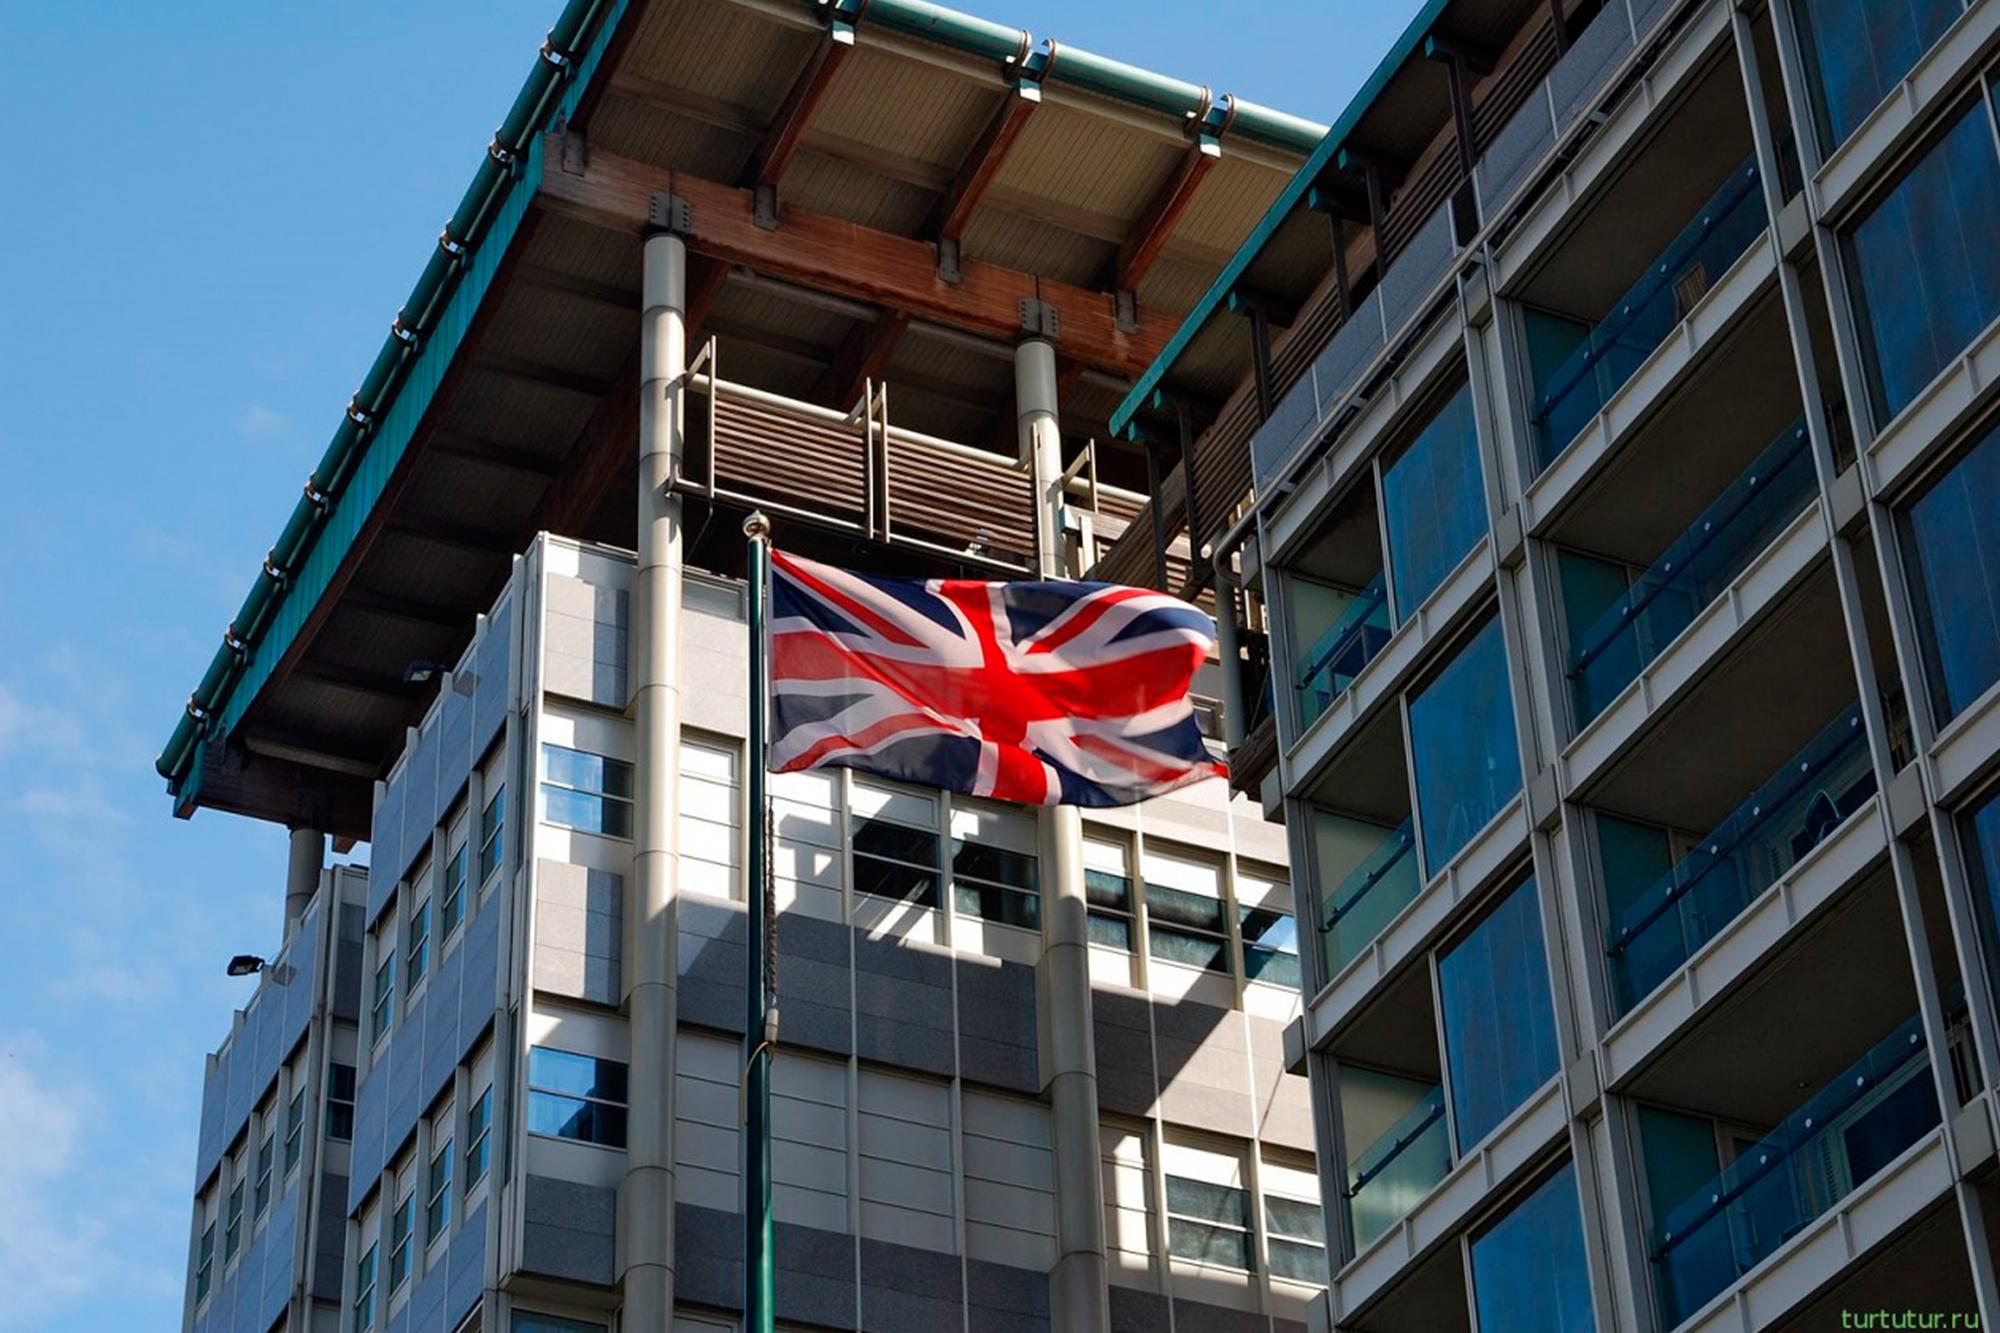 Заместитель посла Великобритании в России Линдси Сколл едет в Екатеринбург